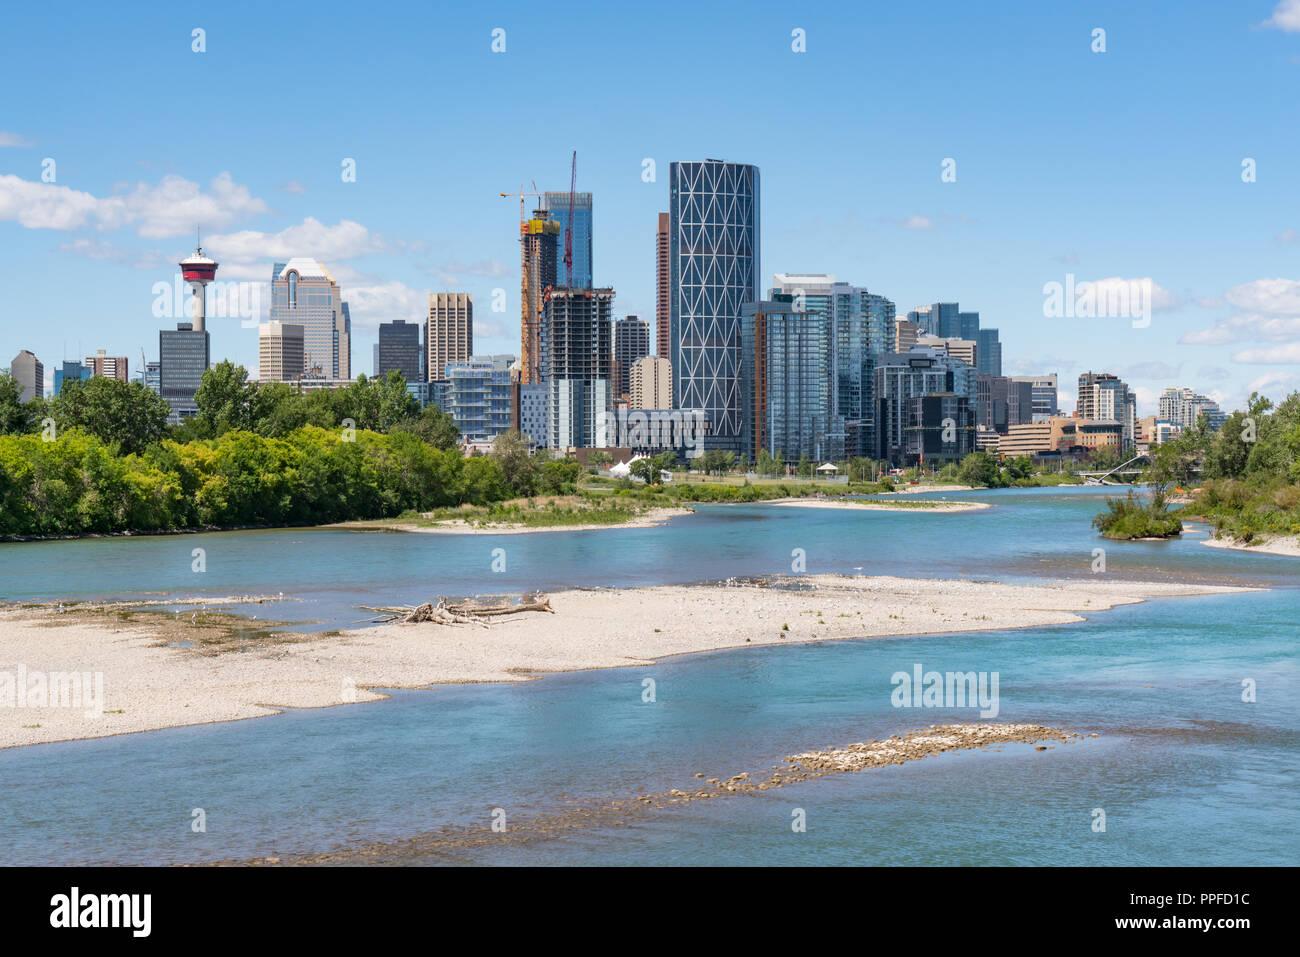 Skyline der Stadt Calgary, Alberta, Kanada entlang des Bow River Stockbild